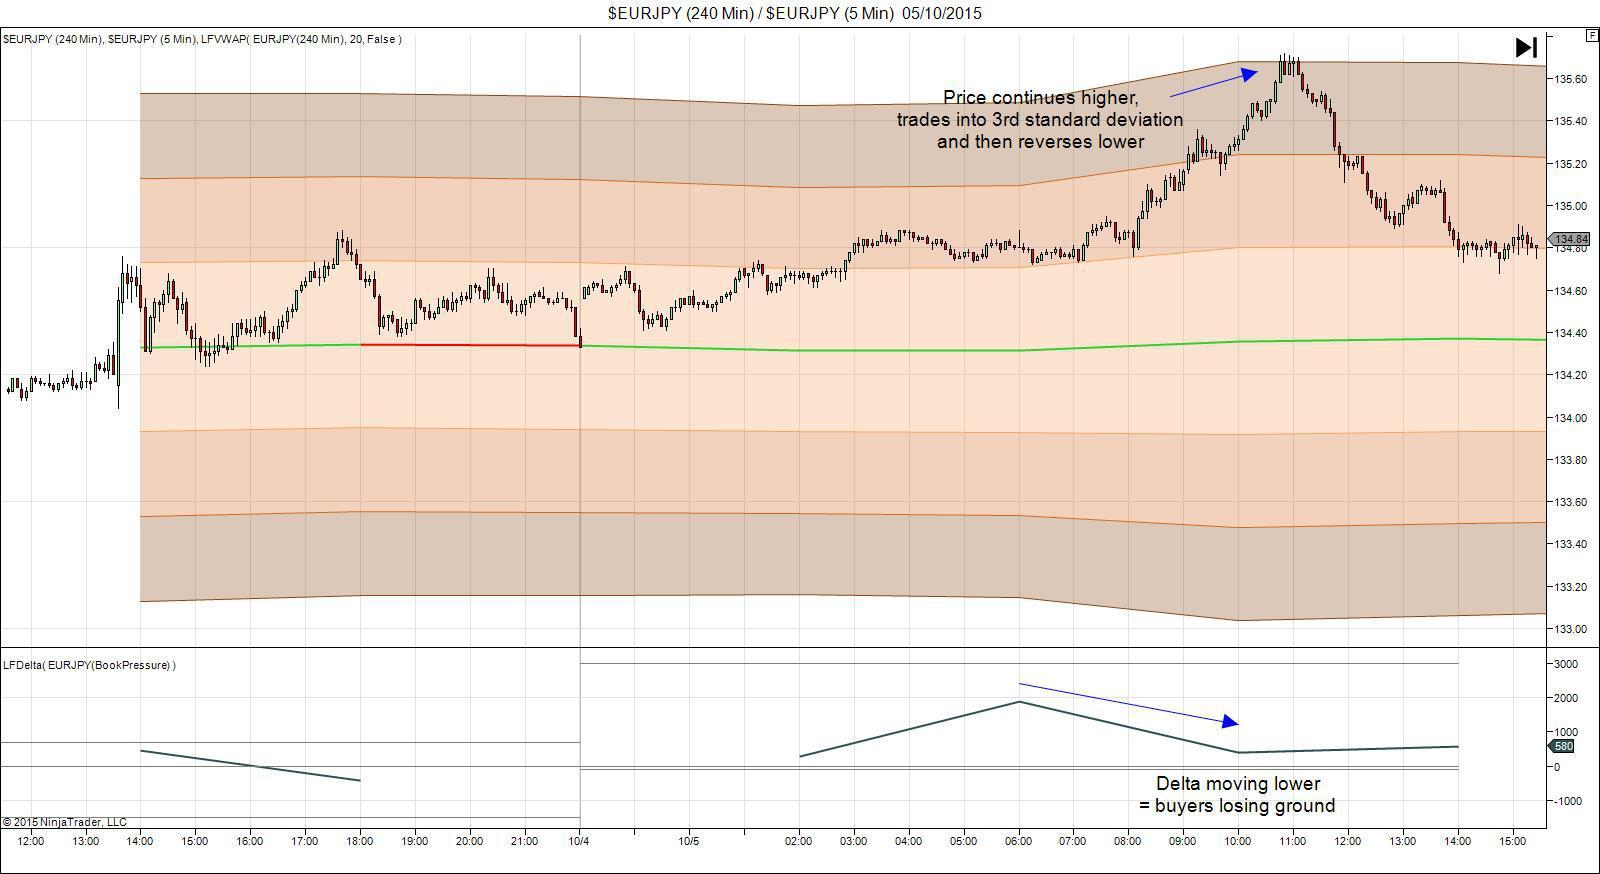 VWAP For Trading The Range